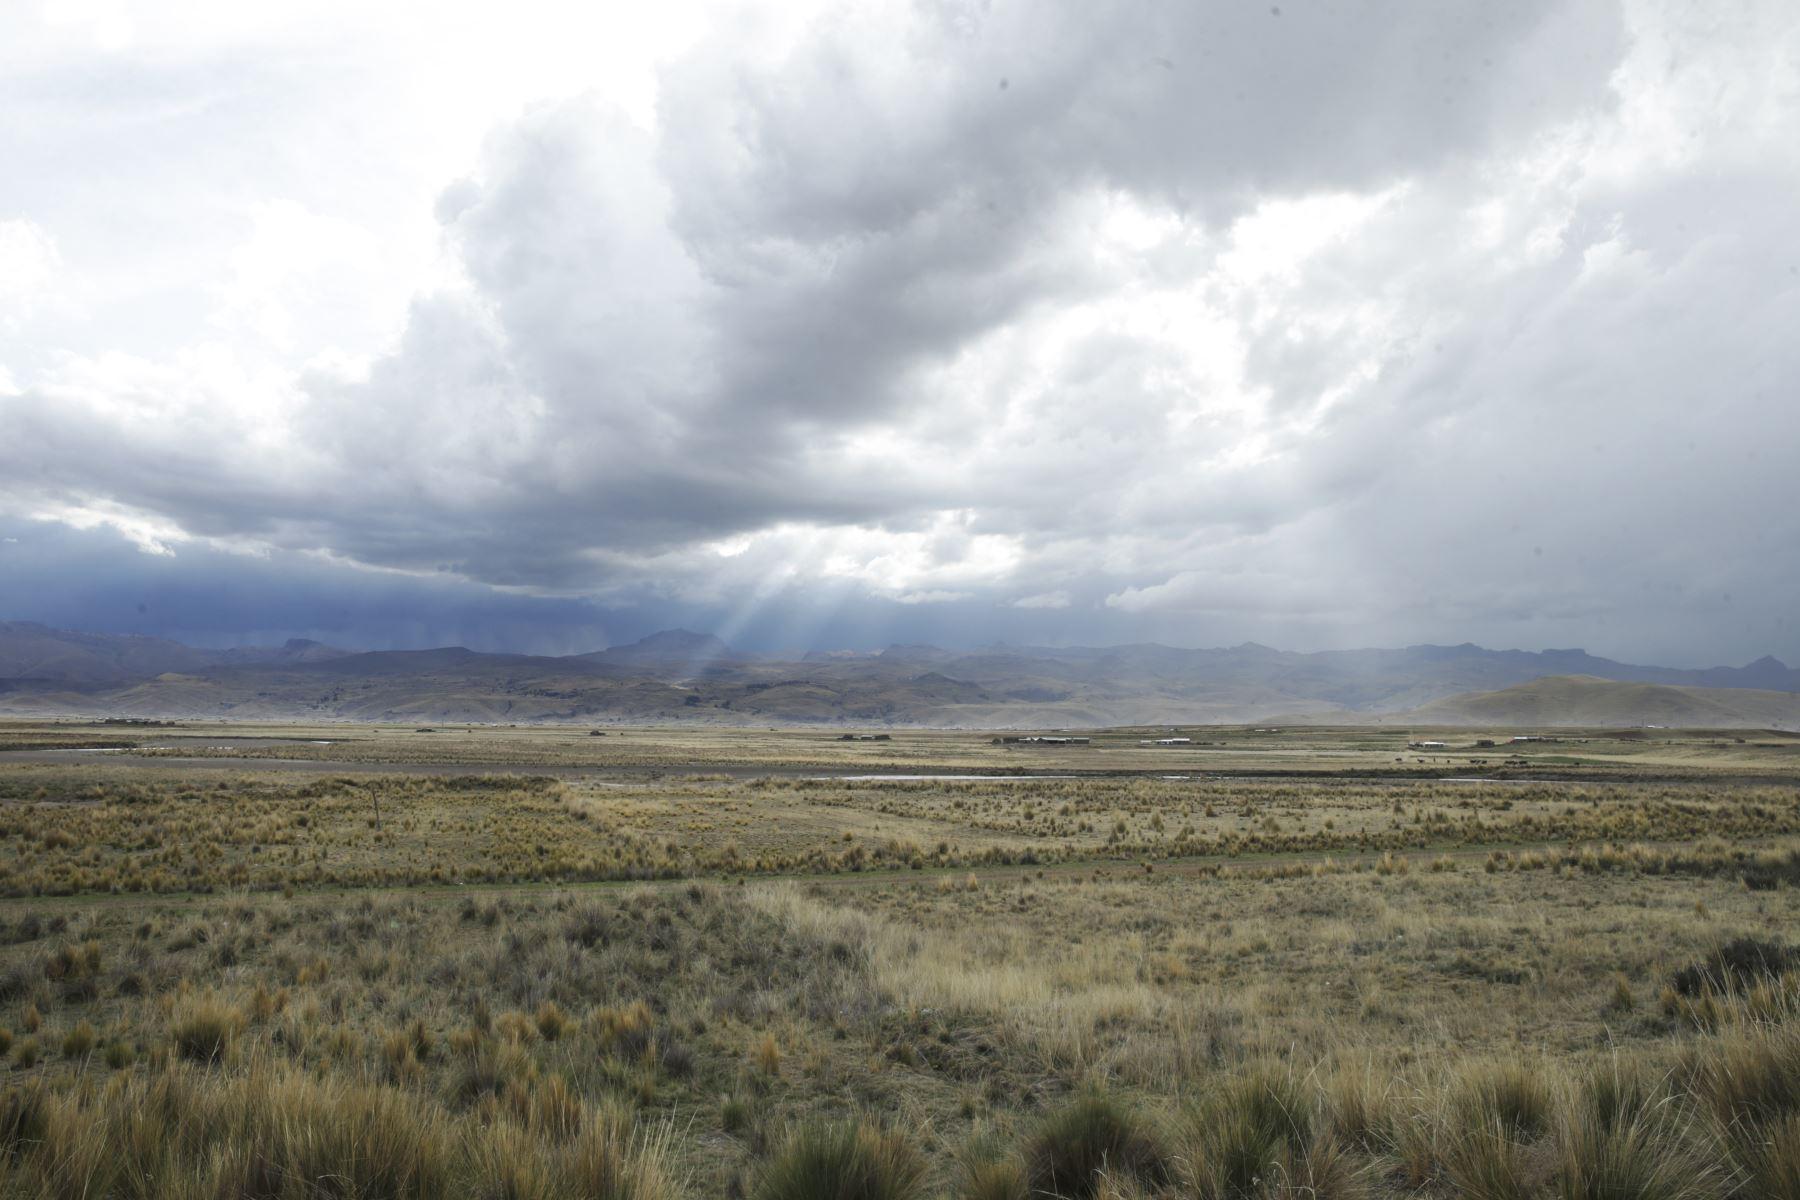 La ciudad de Lampa se ubica a 3,927 metros sobre el nivel del mar, en la zona del Altiplano, en Puno.  Foto: ANDINA/Melina Mejía